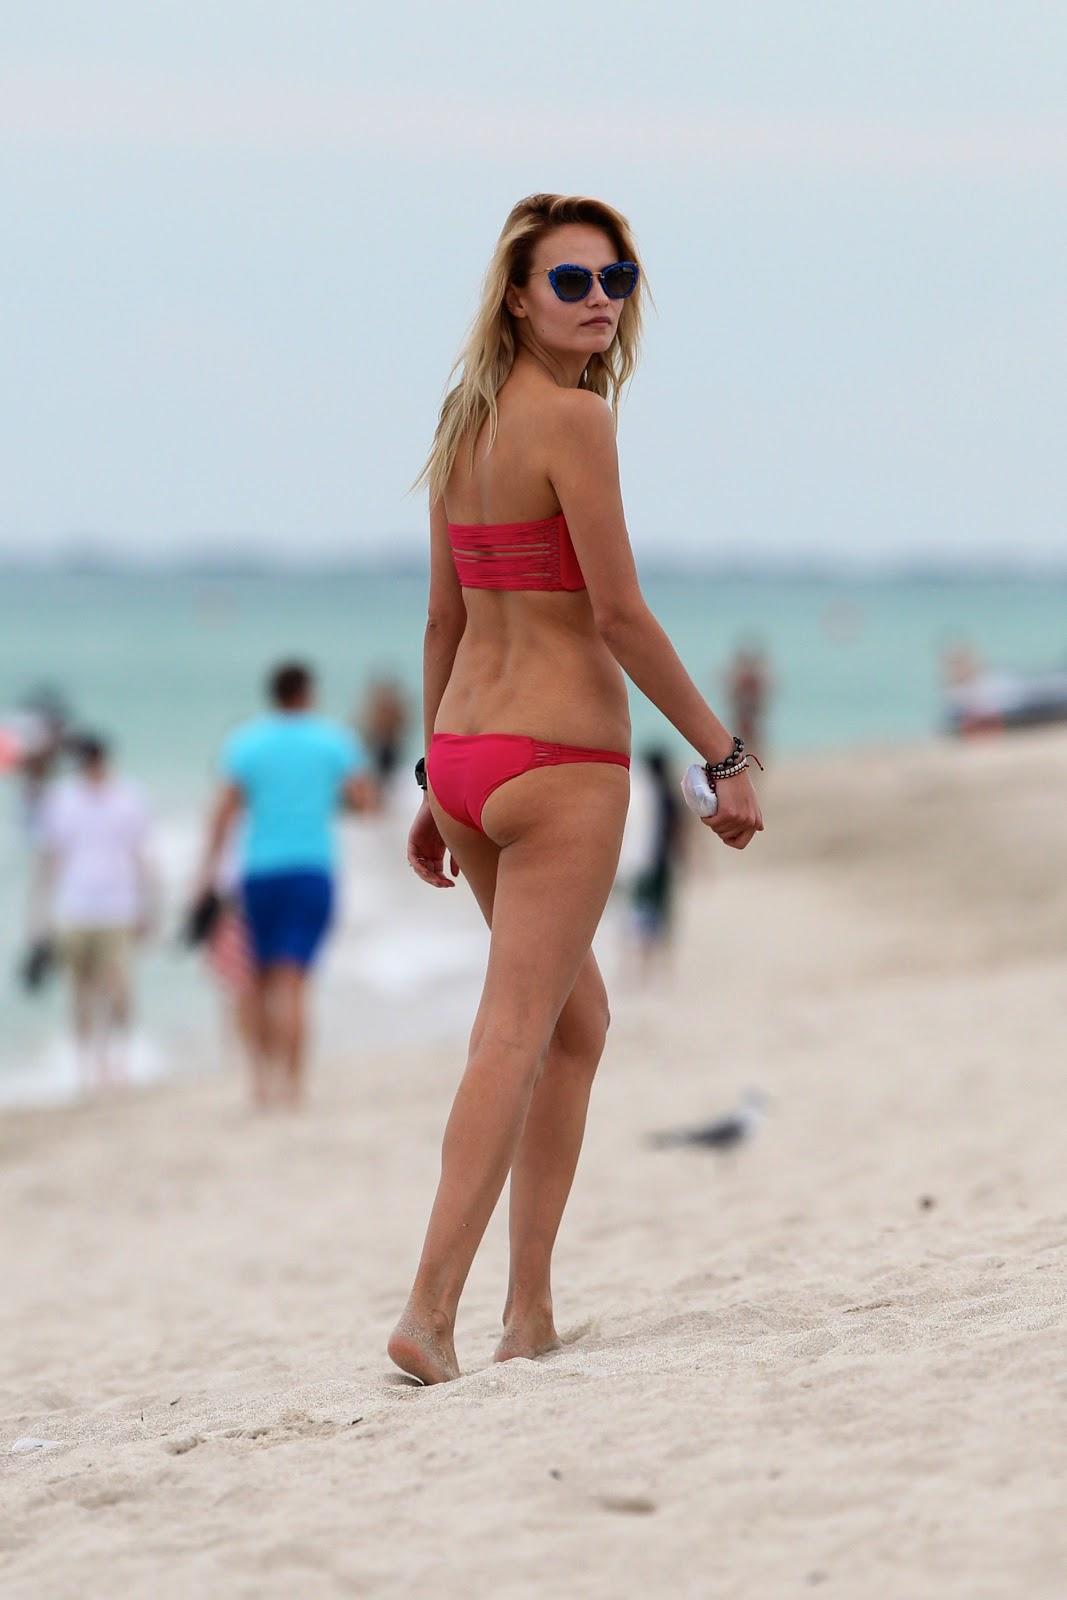 Bikini Natasha Poly nudes (63 foto and video), Pussy, Bikini, Instagram, swimsuit 2006